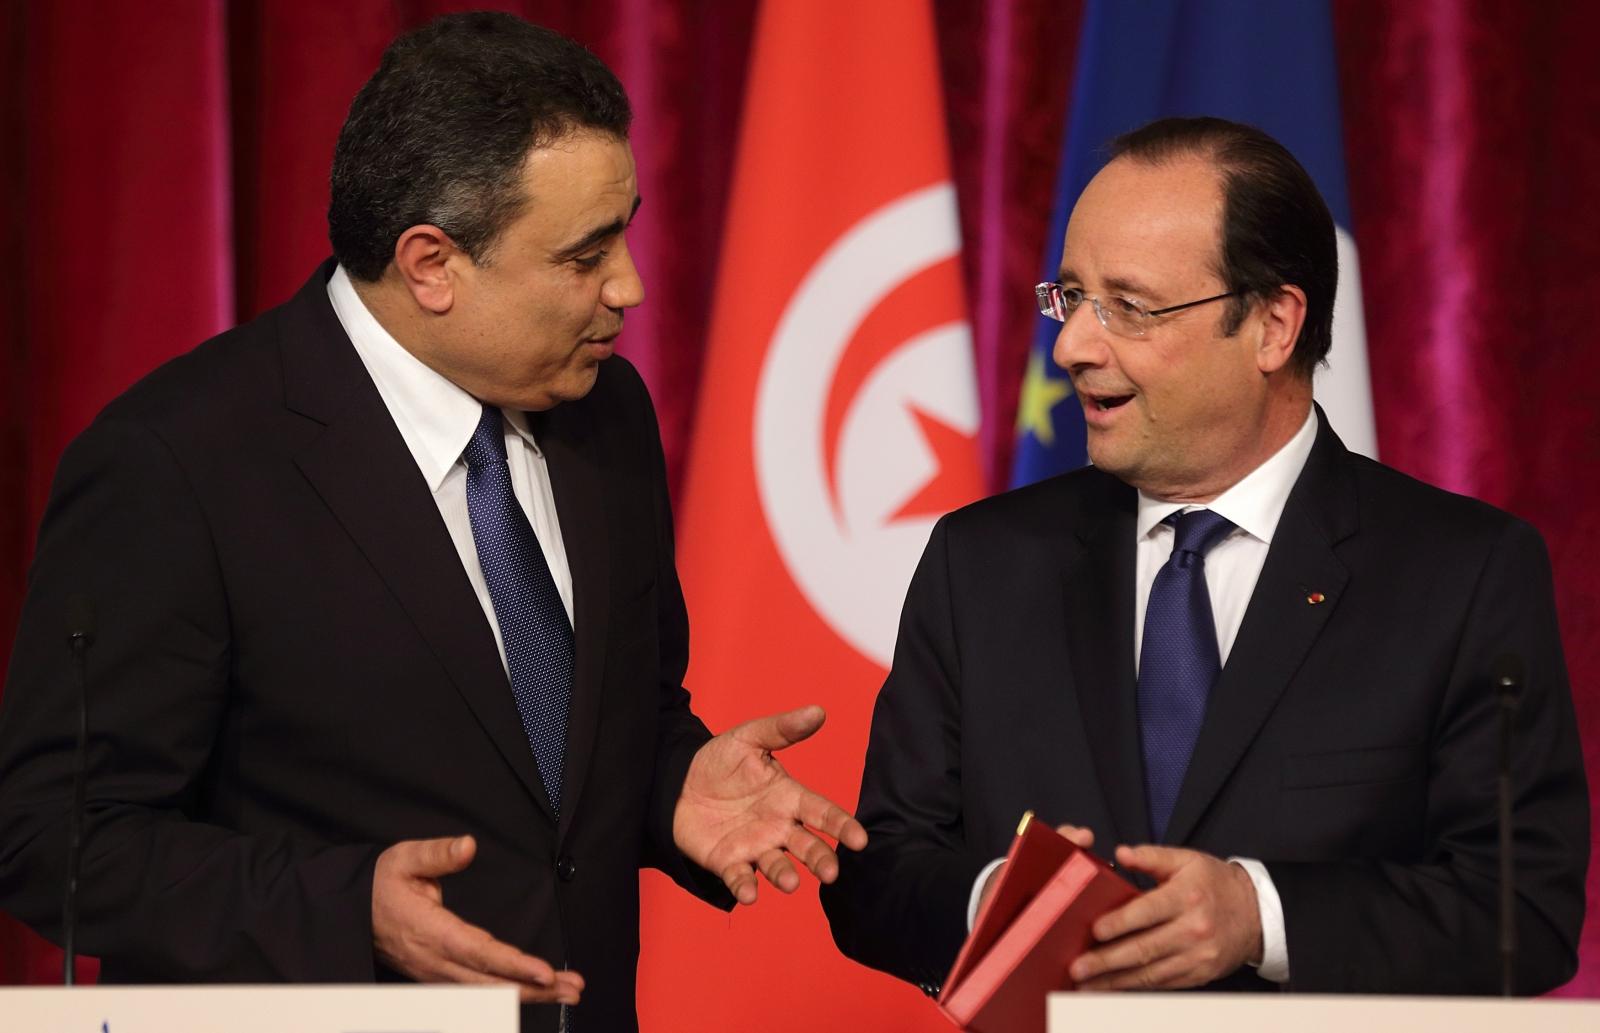 Tunisia France